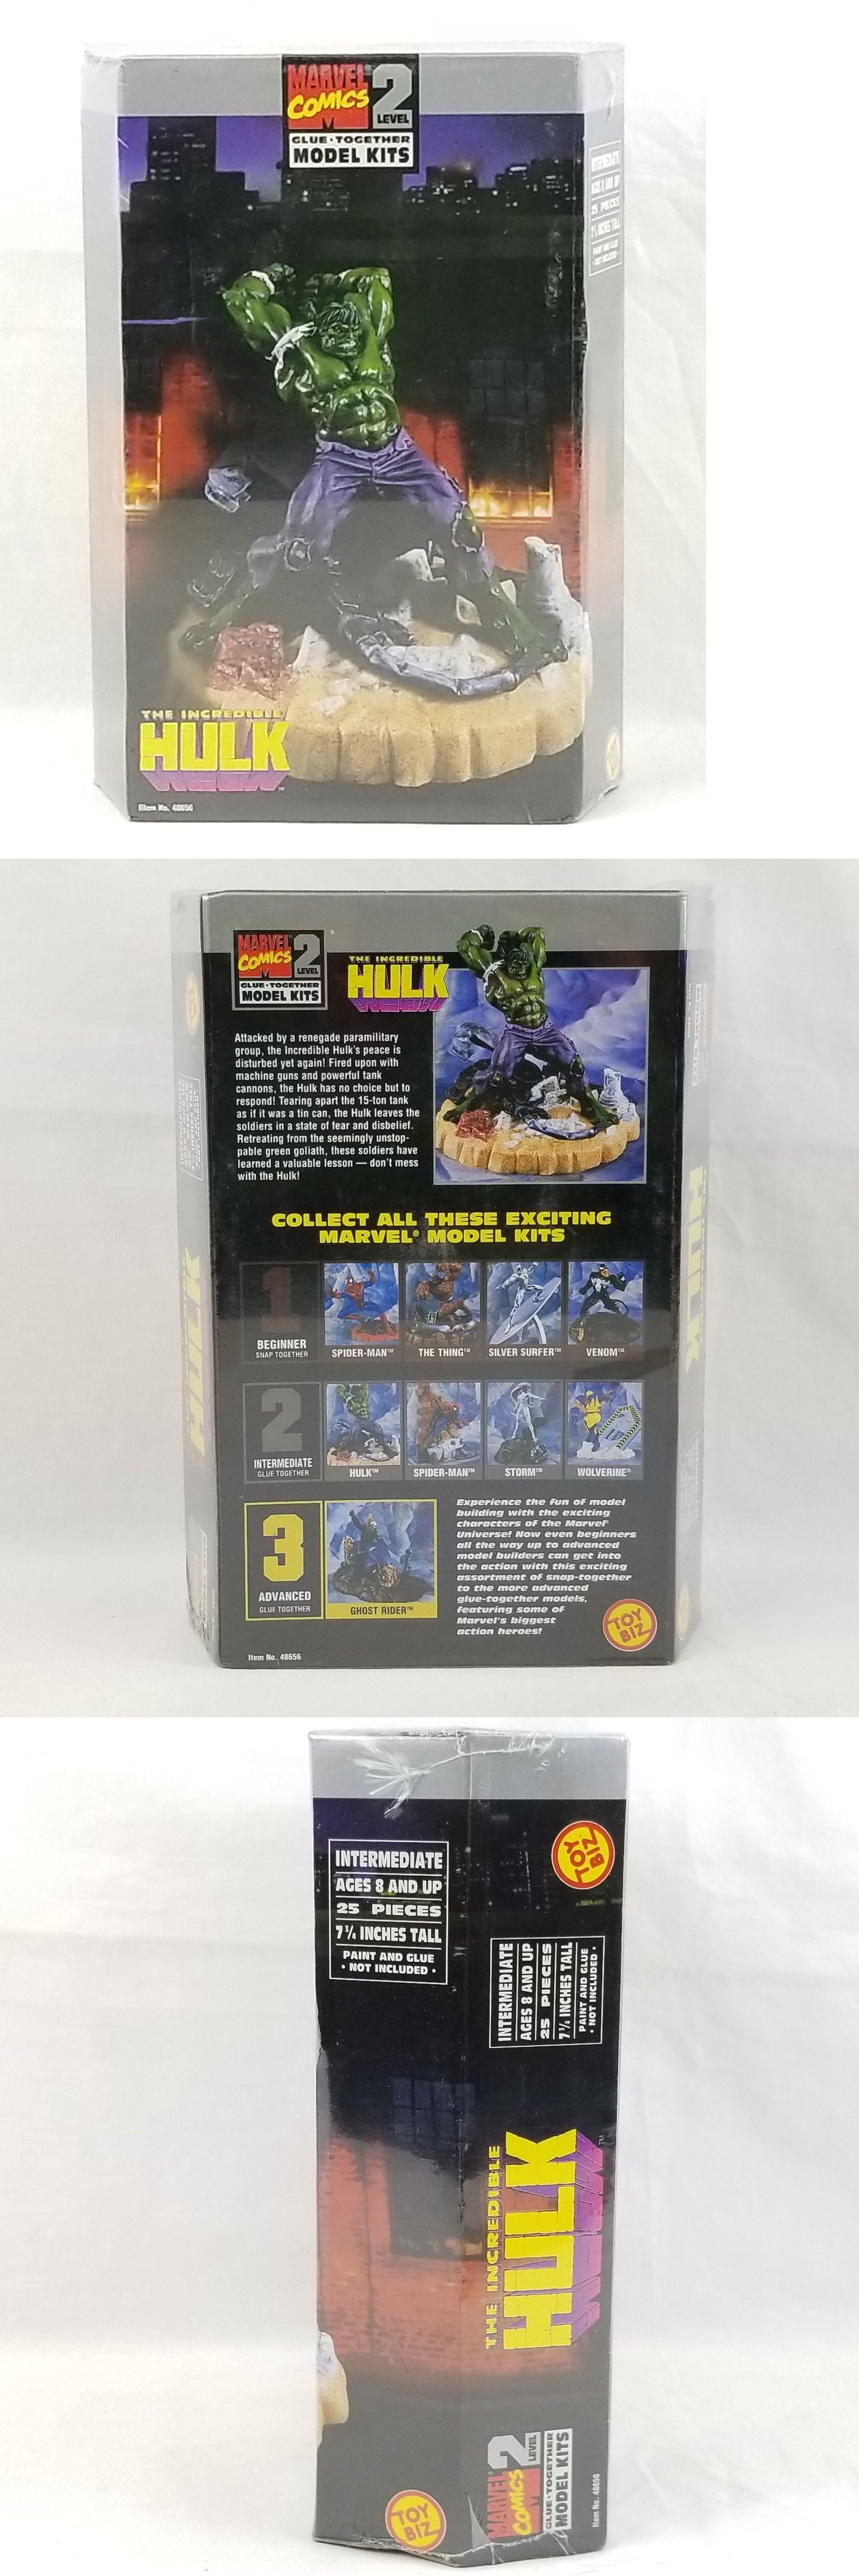 Super Hero 2593: Sealed The Incredible Hulk Glue Together